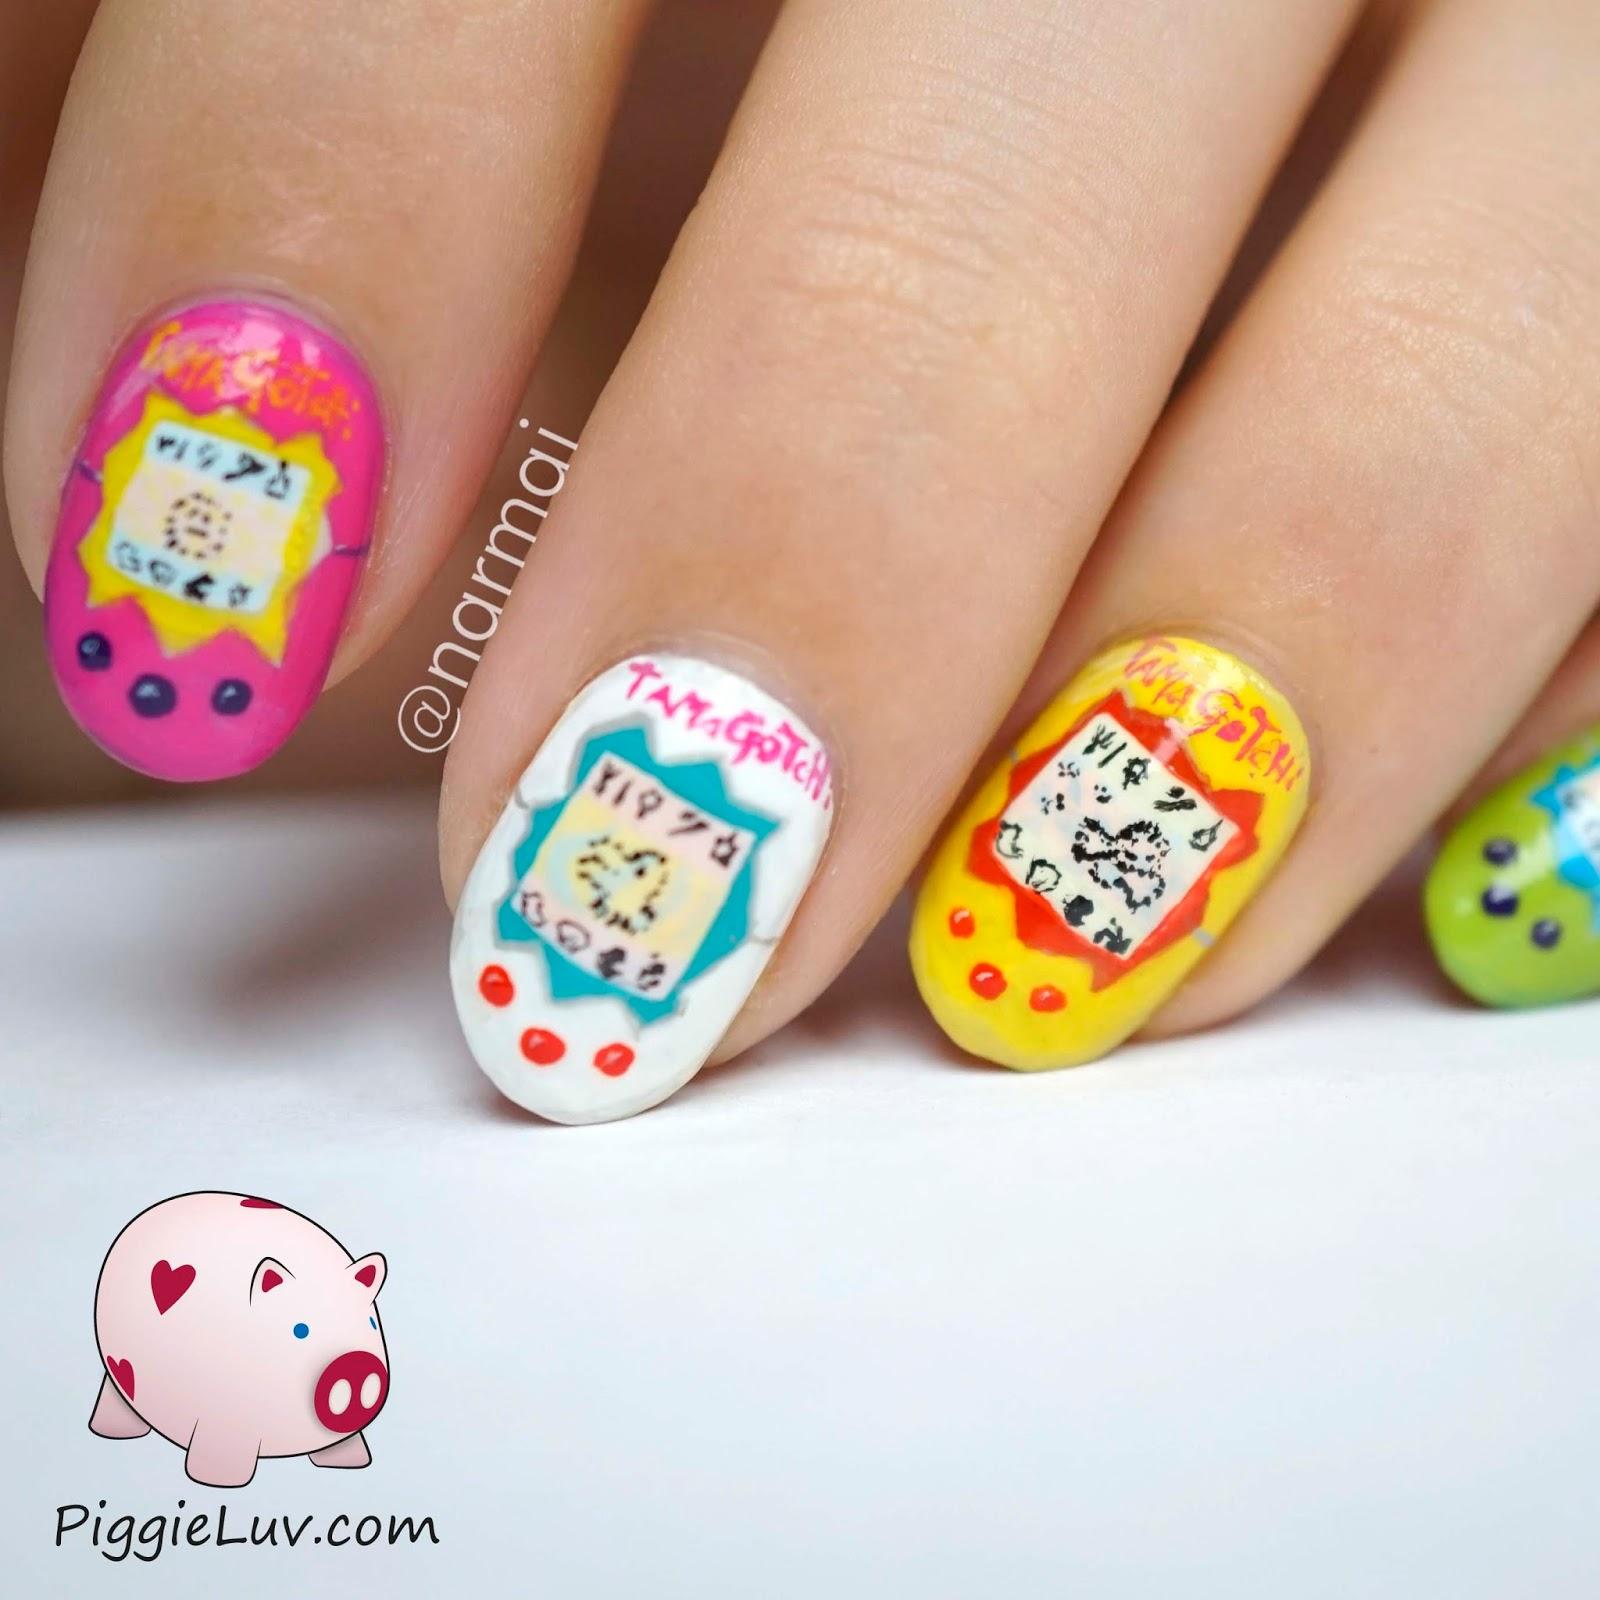 PiggieLuv: Tamagotchi nail art